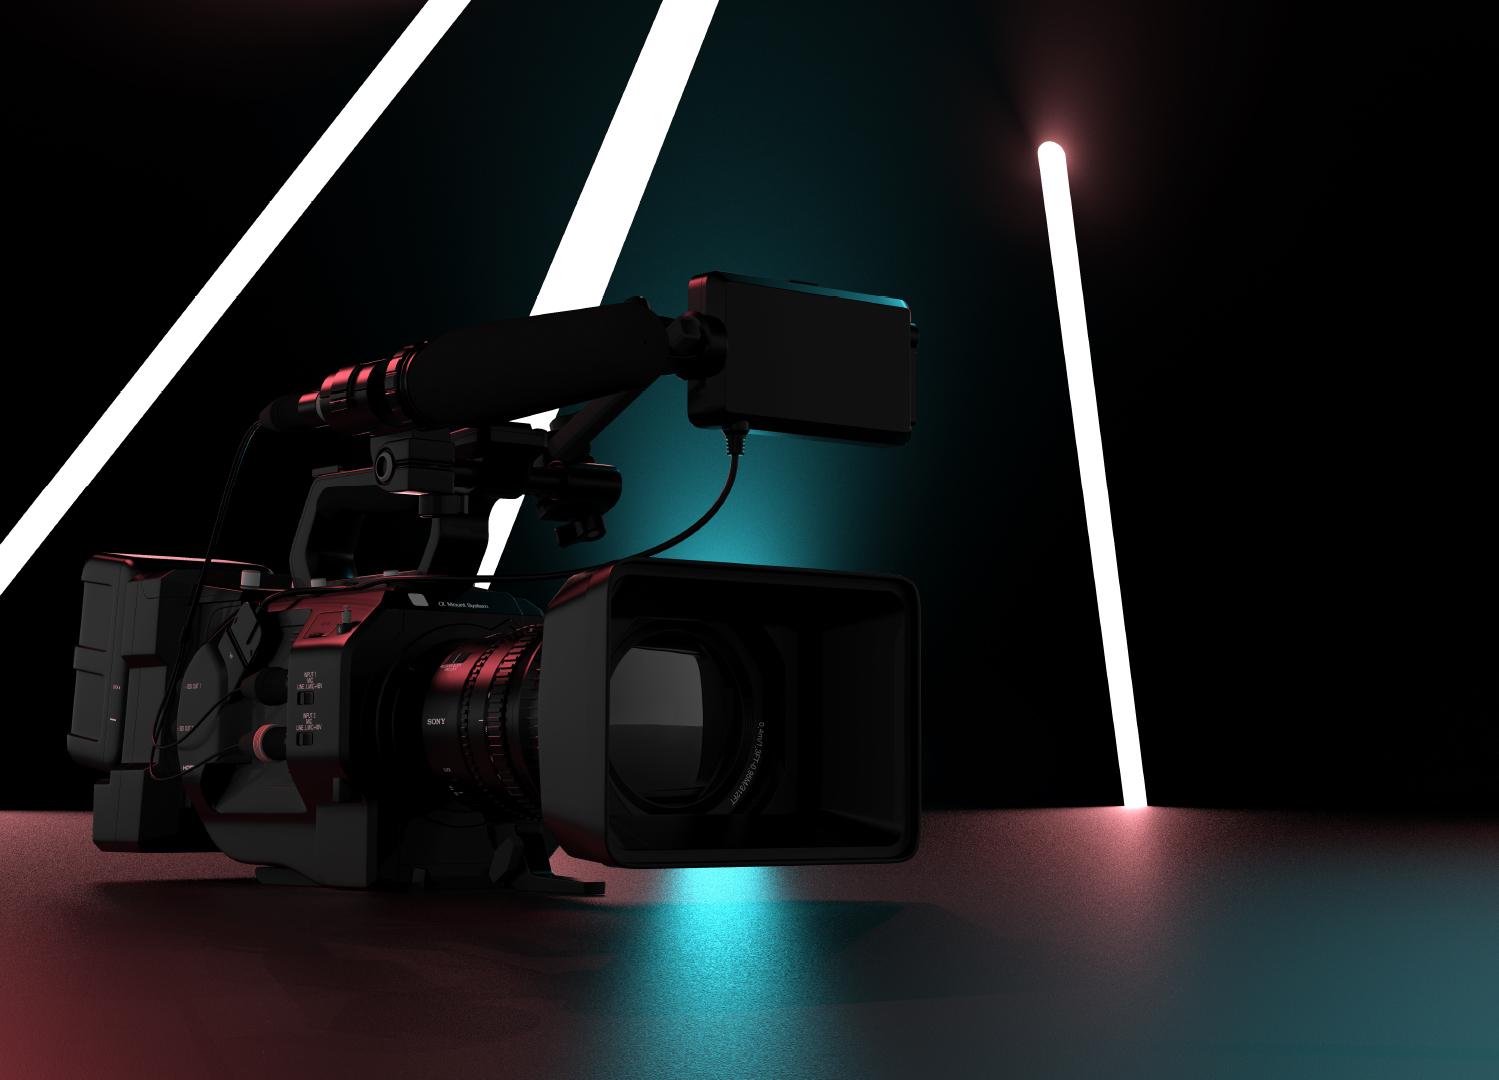 المونتاج التلفزيوني والموشن | Motion & Editing Course